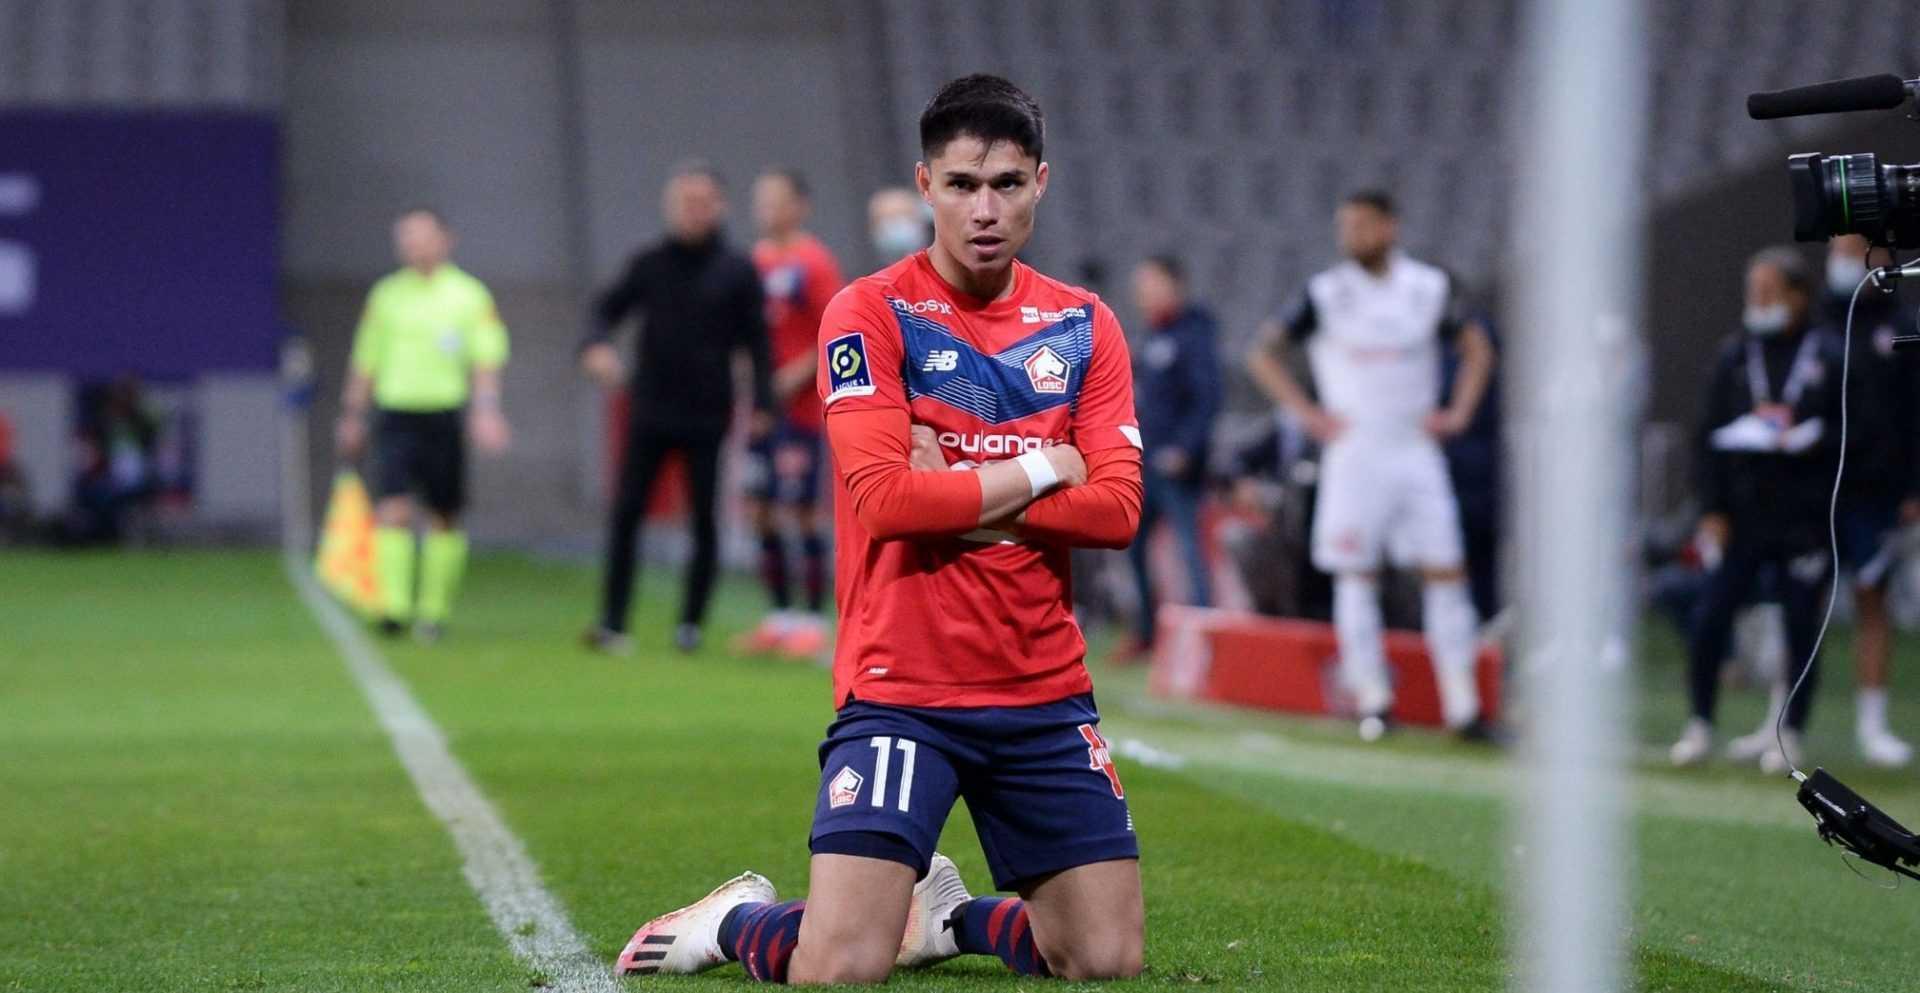 Ligue 1, giornata 33: quattro squadre in lotta per il titolo